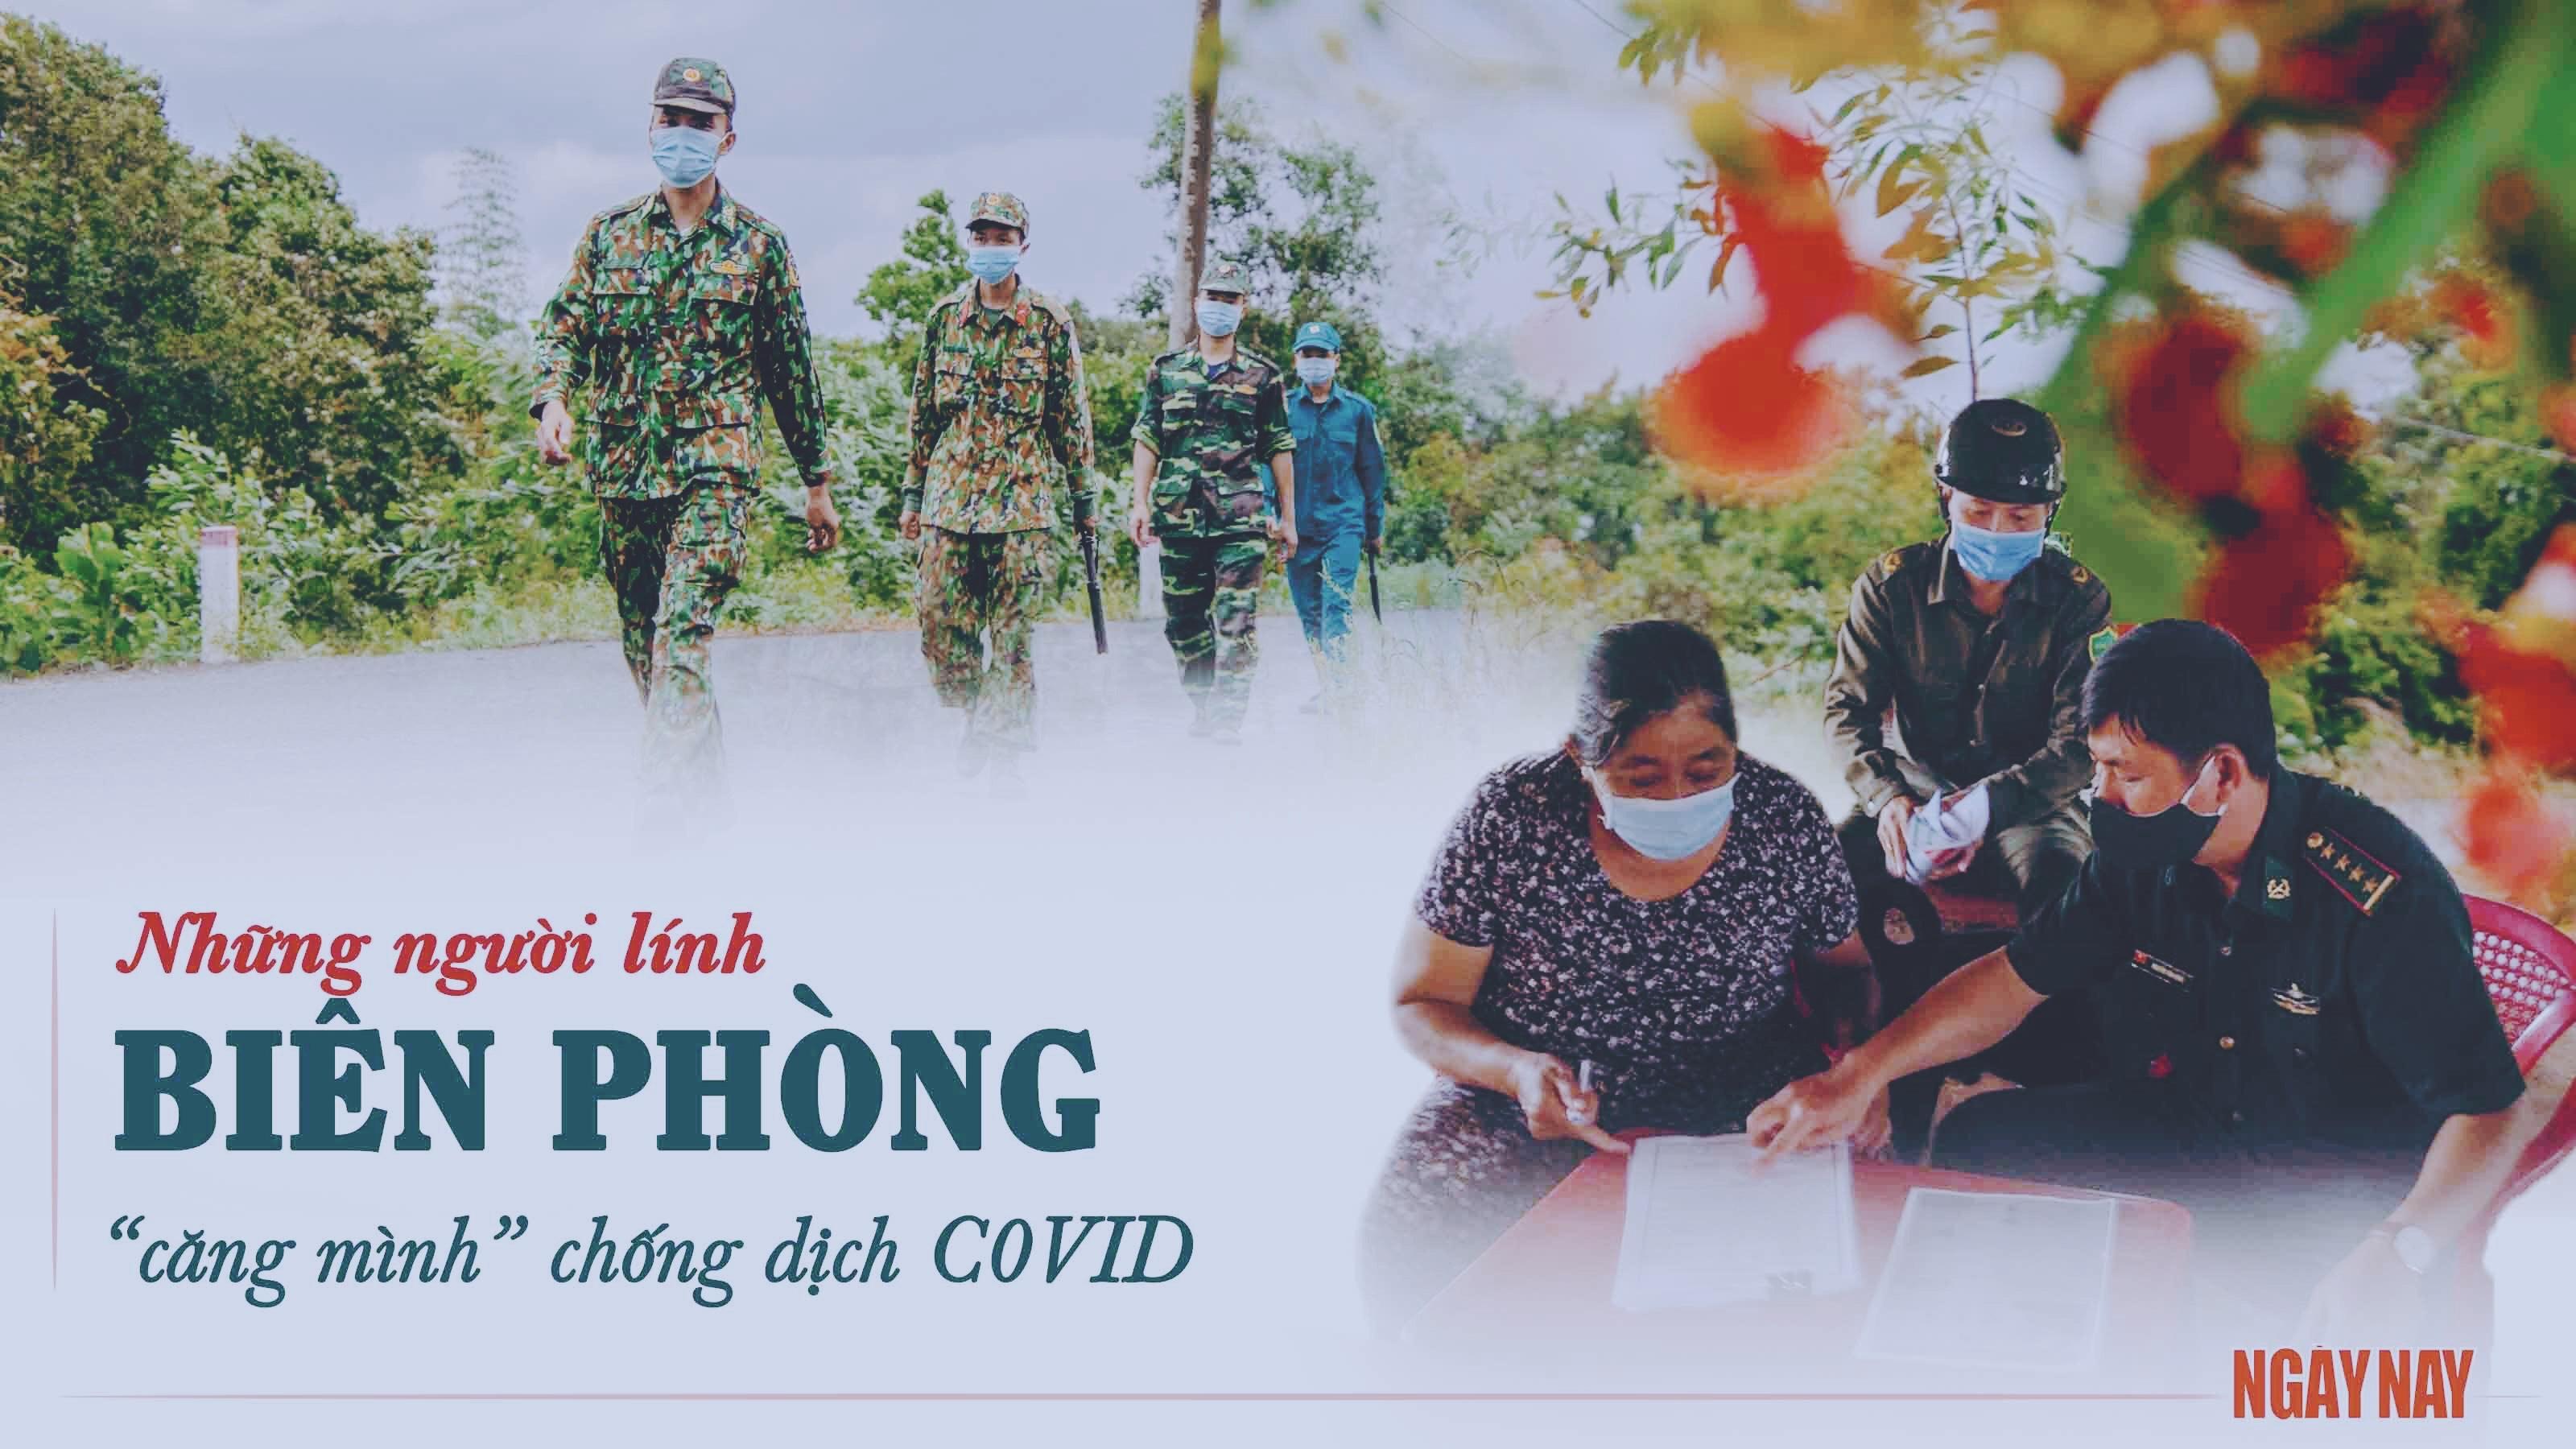 Dọc dài biên giới, những người lính biên phòng đang 'căng mình' chống dịch COVID